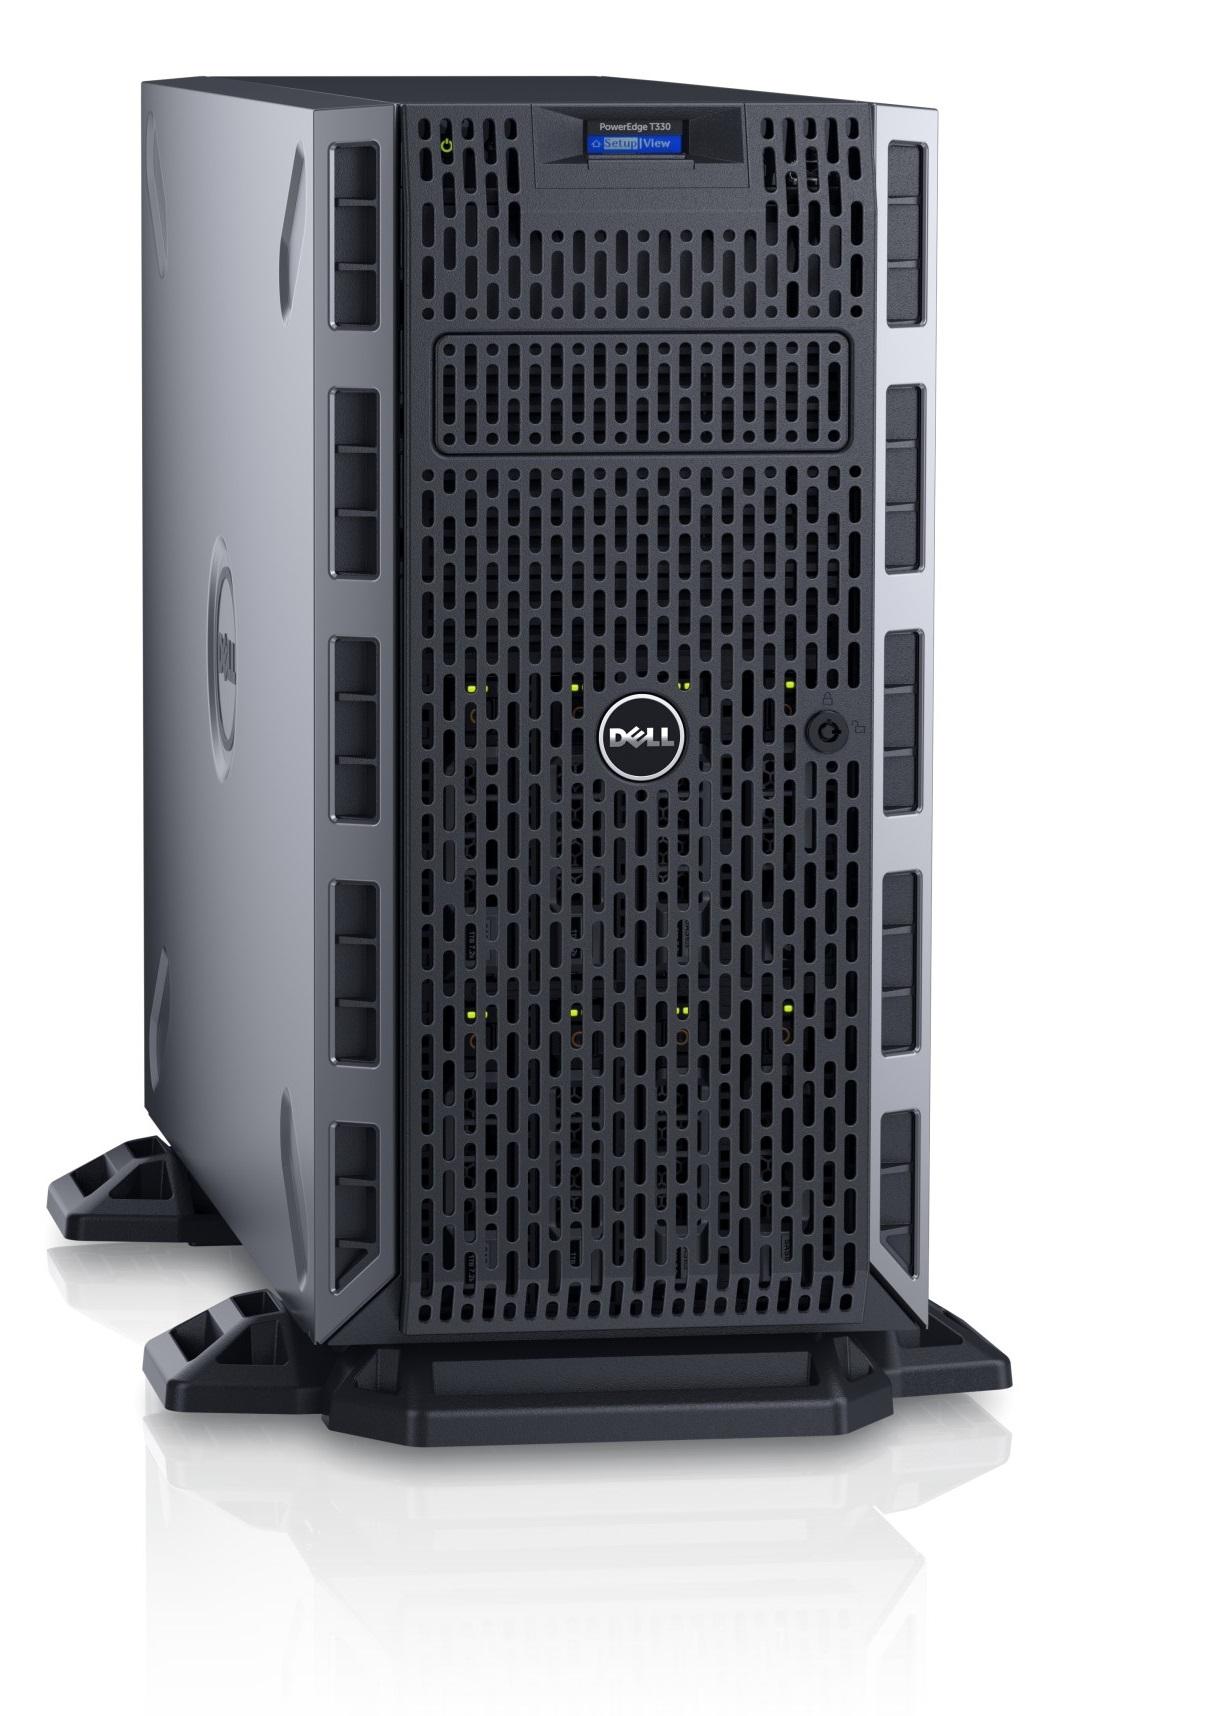 DELL PE T330 QC Xeon E3-1220 v5/2x8GB/4x1TB/2xLAN/RAID 5/redzdroj/iDrac ent.